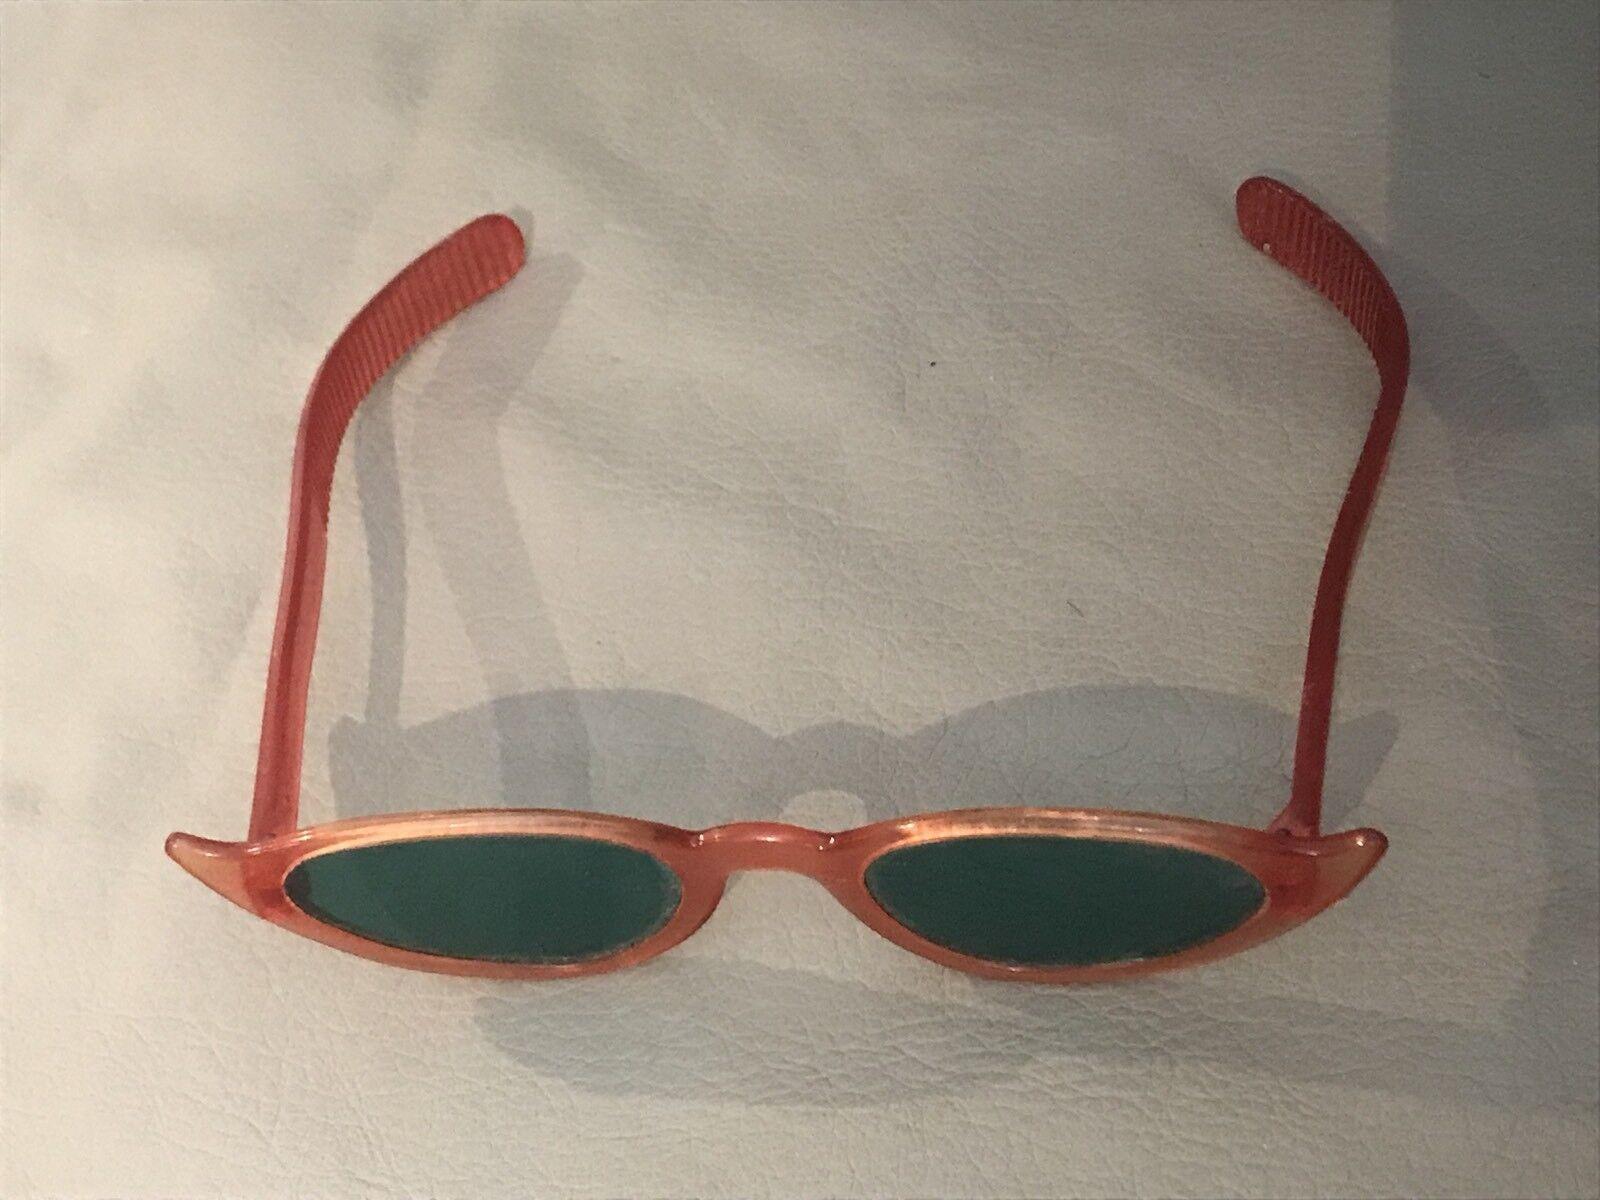 Drei Paar Vintage Sonnenbrillen  Schau Schau Schau Mal | Haben Wir Lob Von Kunden Gewonnen  | Zuverlässige Qualität  | Won hoch geschätzt und weithin vertraut im in- und Ausland vertraut  | Elegant Und Würdevoll  9e76e5